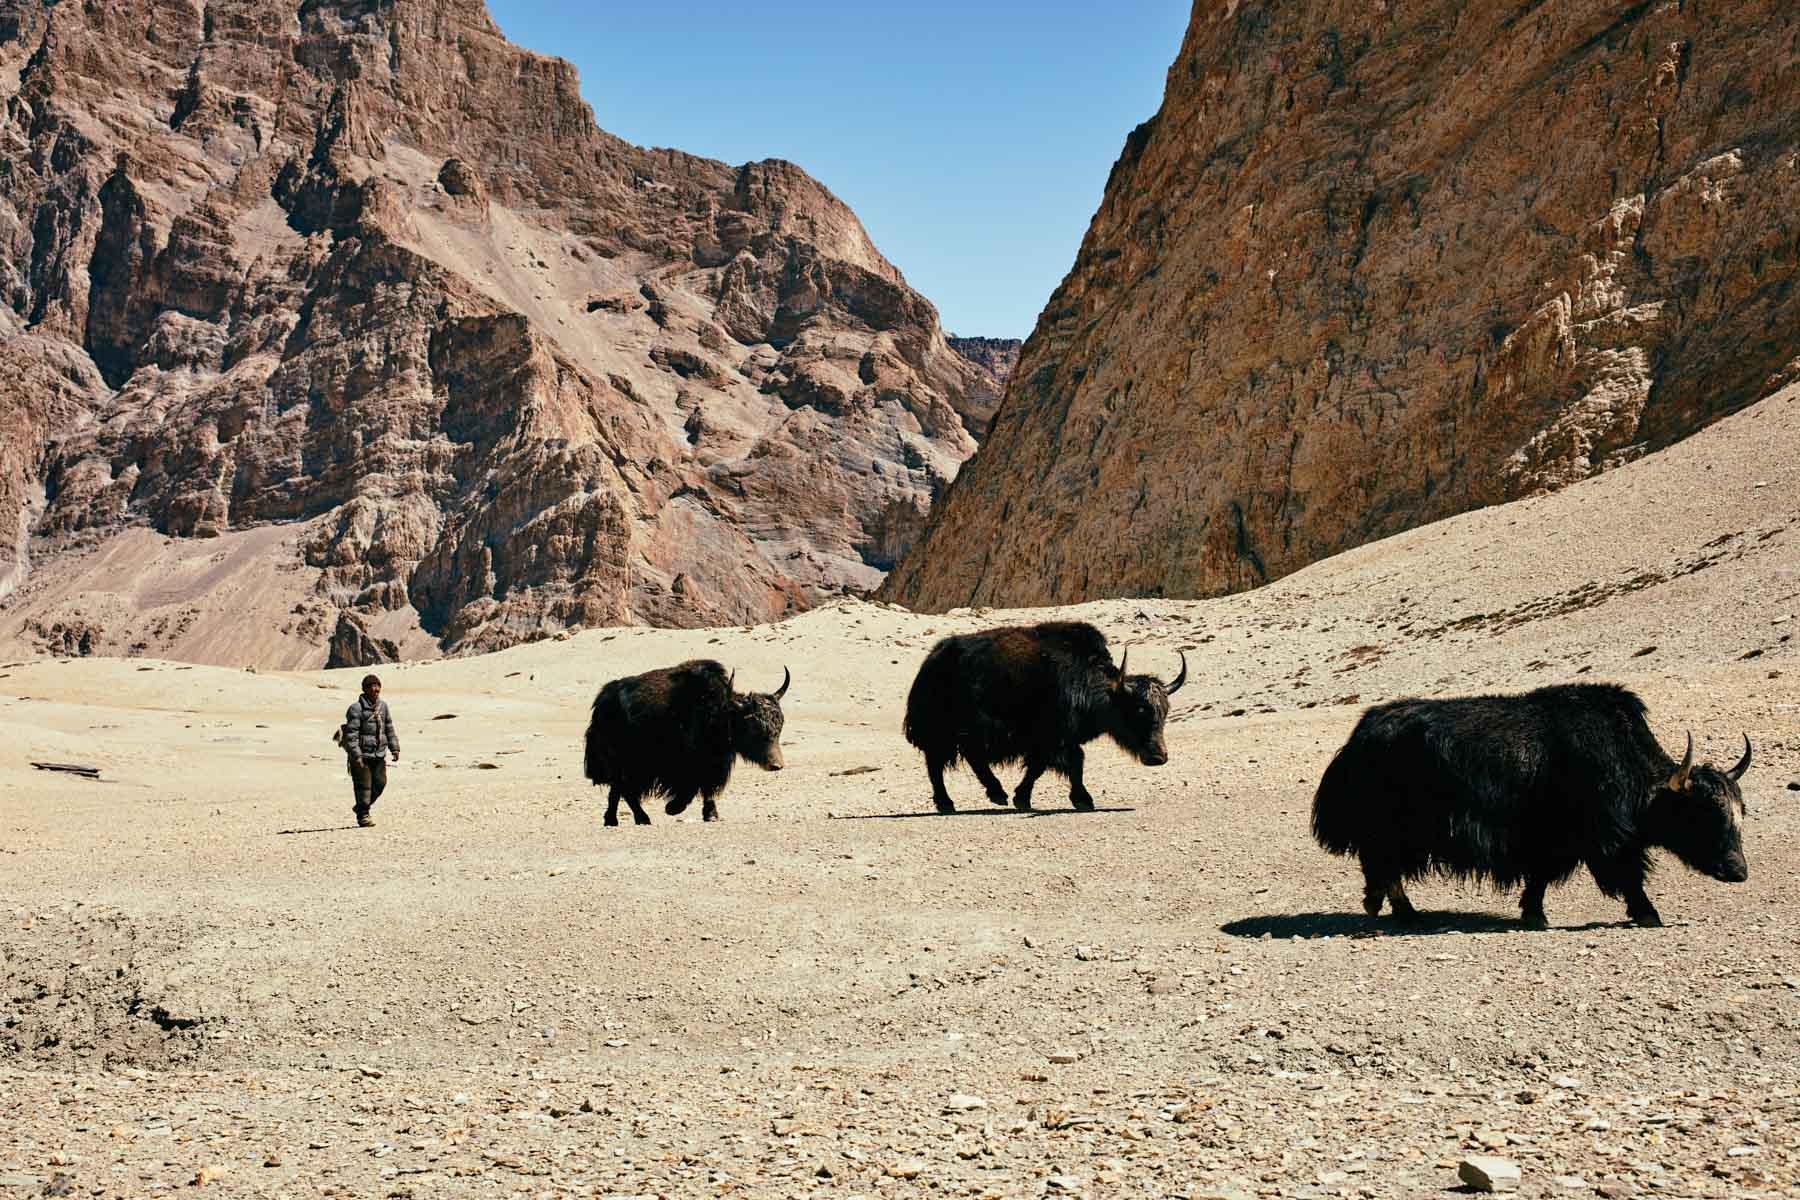 Auf dem Weg von Photoksar nach Gongma/ Ladakh/ Indien, 2018